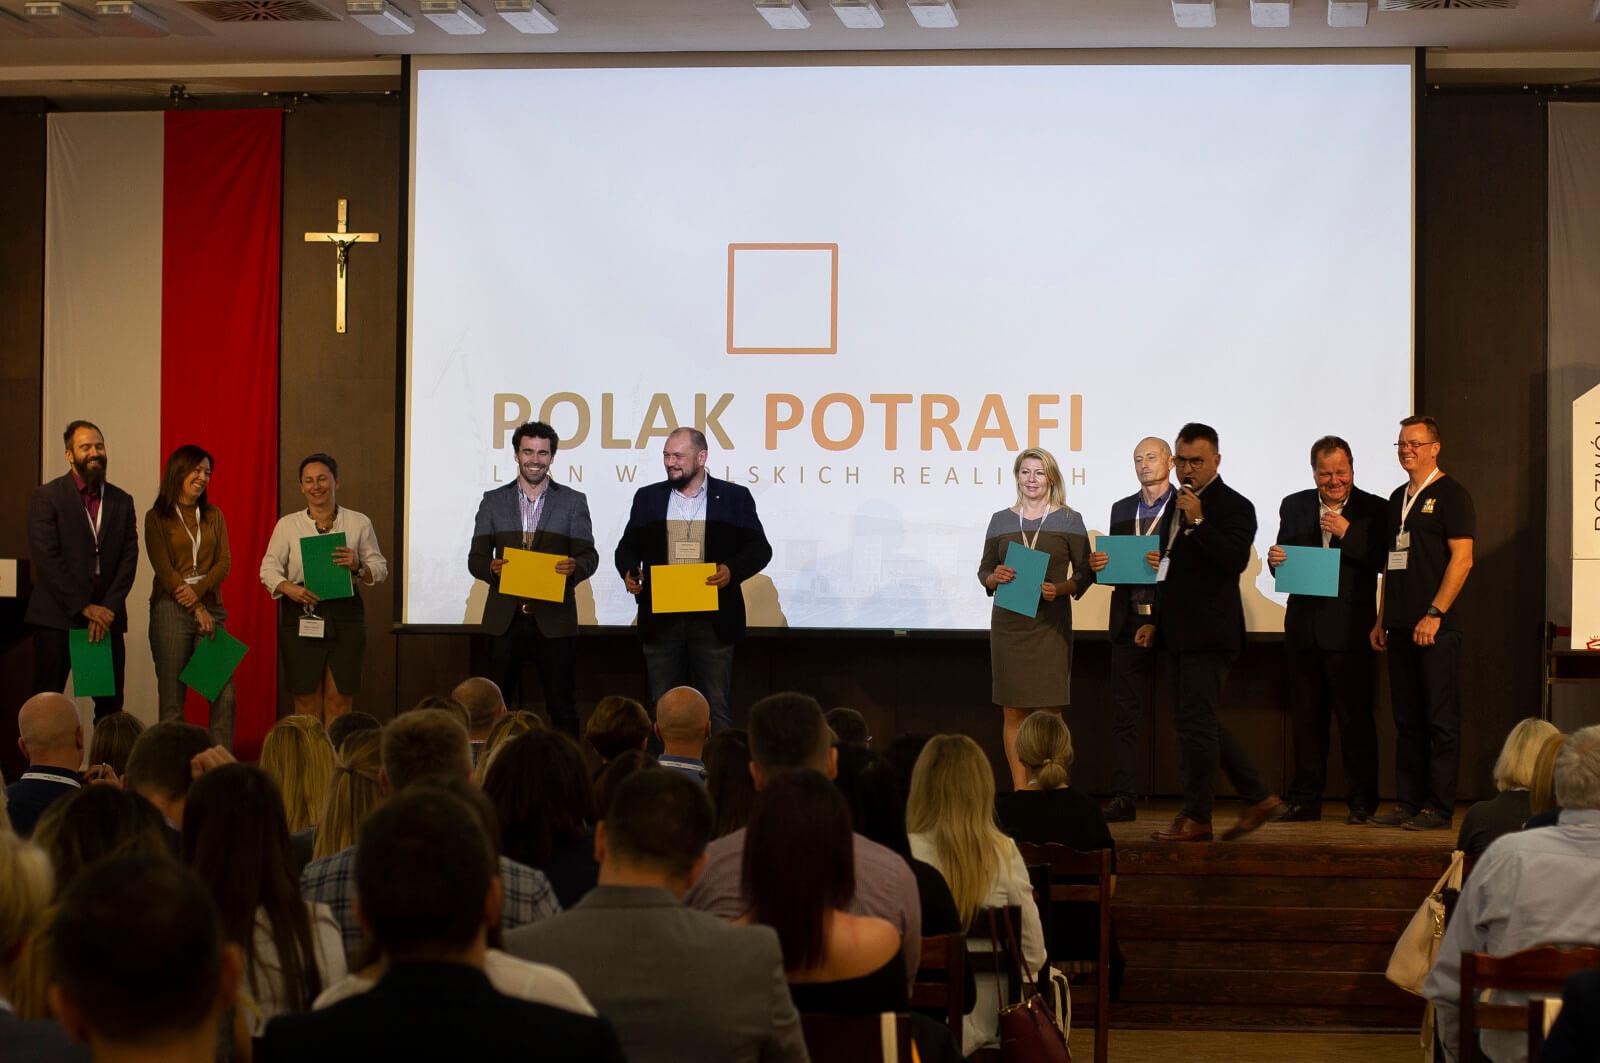 Druga edycja konferencji Polak Potrafi inieustannie rosnąca firma